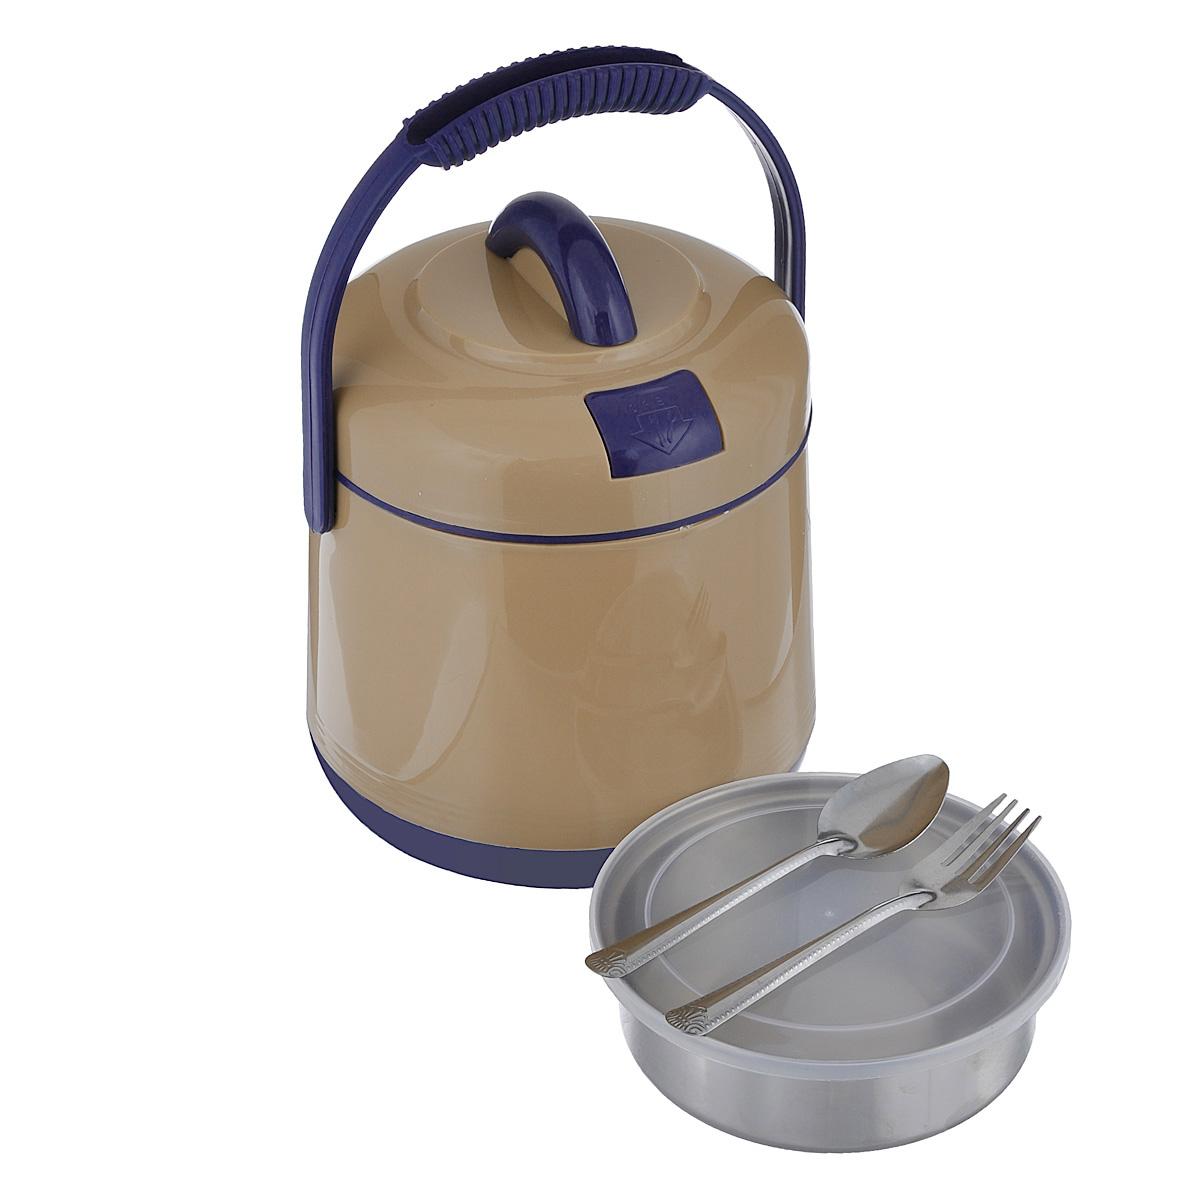 Термос пищевой Mayer & Boch, цвет: бежевый, 1,6 лVT-1520(SR)Пищевой термос Mayer & Boch предназначен для хранения и переноски горячих и холодных пищевых продуктов. Корпус выполнен из высококачественного пластика. Внутренняя колба изготовлена из нержавеющей стали. Наполнение из жесткого пенопласта сохраняет температуру и свежесть пищи на протяжении 4-5 часов. Пища сохраняет аромат, вкус и питательные вещества. Внутрь вставляется специальная металлическая чаша с прозрачной пластиковой крышкой, что позволяет брать с собой сразу два блюда. В комплекте также предусмотрена ложка и вилка, которые хранятся в специальном отверстие в крышке. Такой термос - идеальный вариант для домашнего использования, для отдыха на природе или поездки. Элегантный и стильный дизайн подходит для любого случая. Размер термоса: 17 см х 17 см х 21 см. Диаметр емкости: 13,5 см. Высота стенки емкости: 4,5 см. Длина ложки/вилки: 14 см.